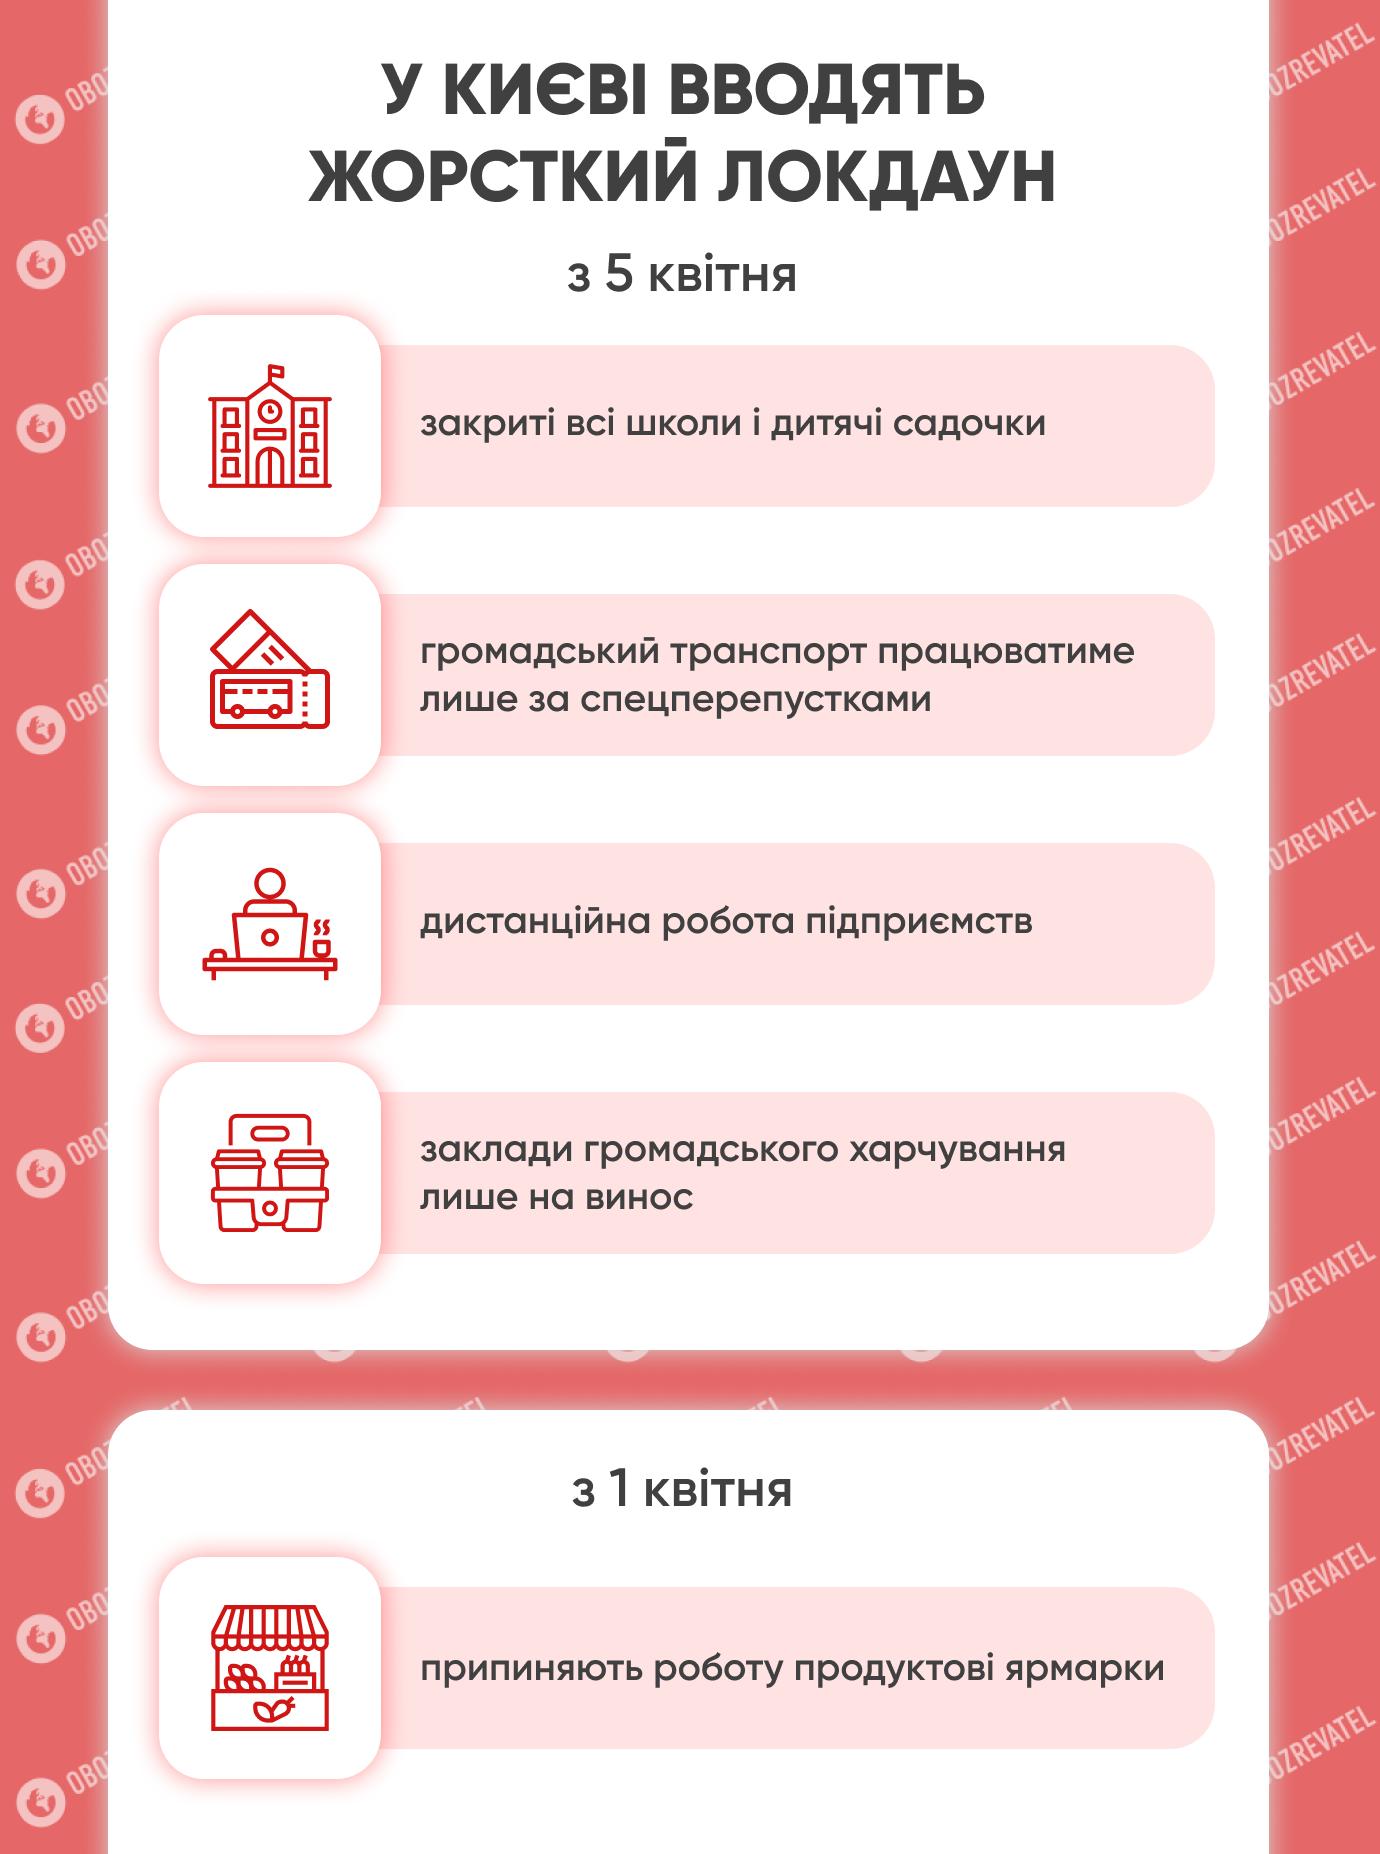 Какие ограничения будут действовать в Киеве с 5 апреля.